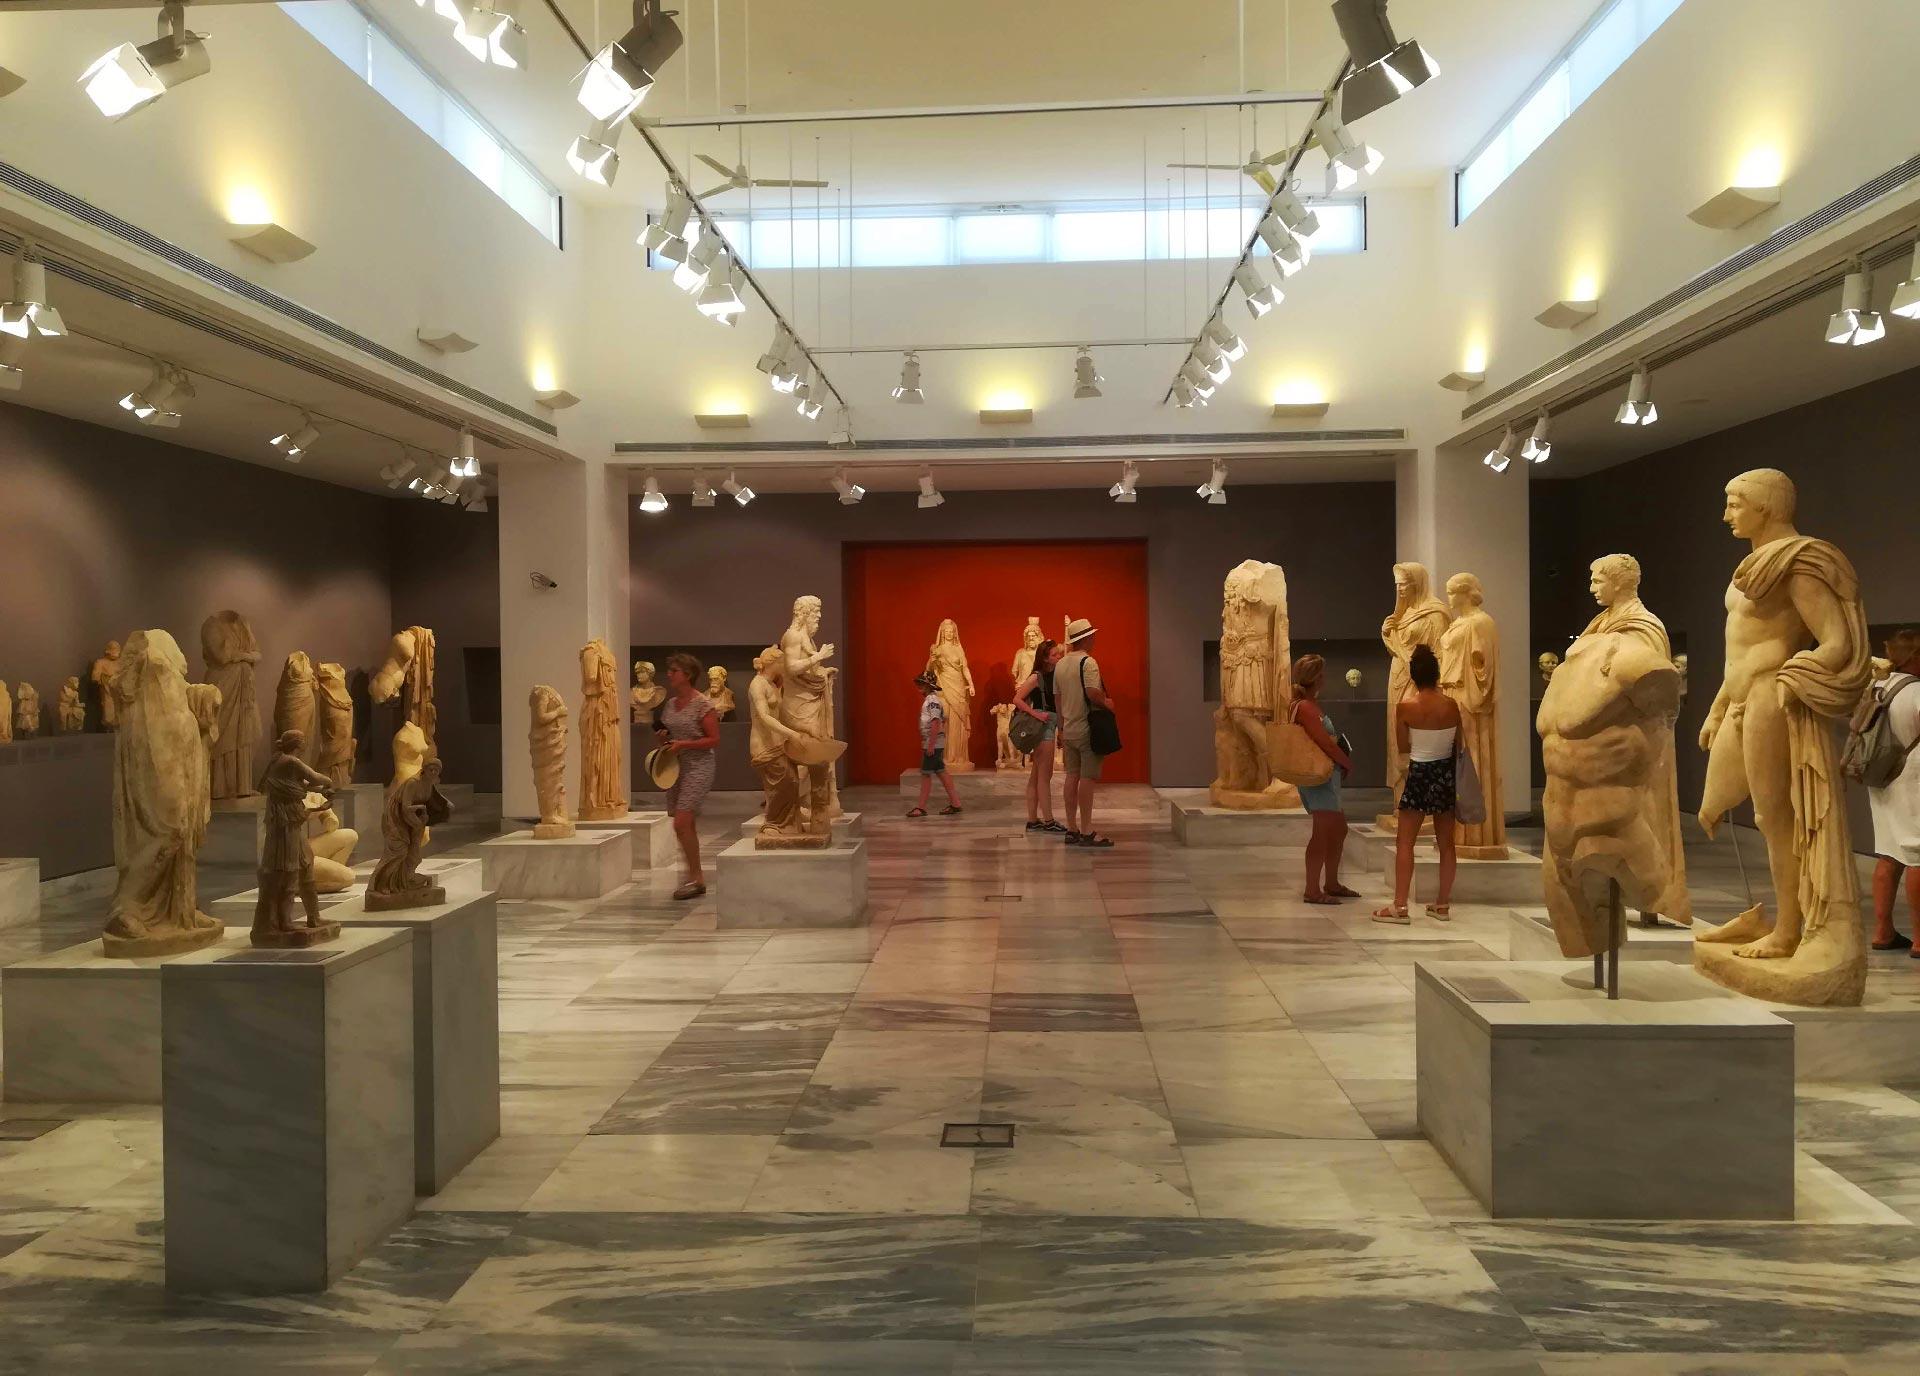 interno del Museo Archeologico di Heraklion, Creta, Grecia